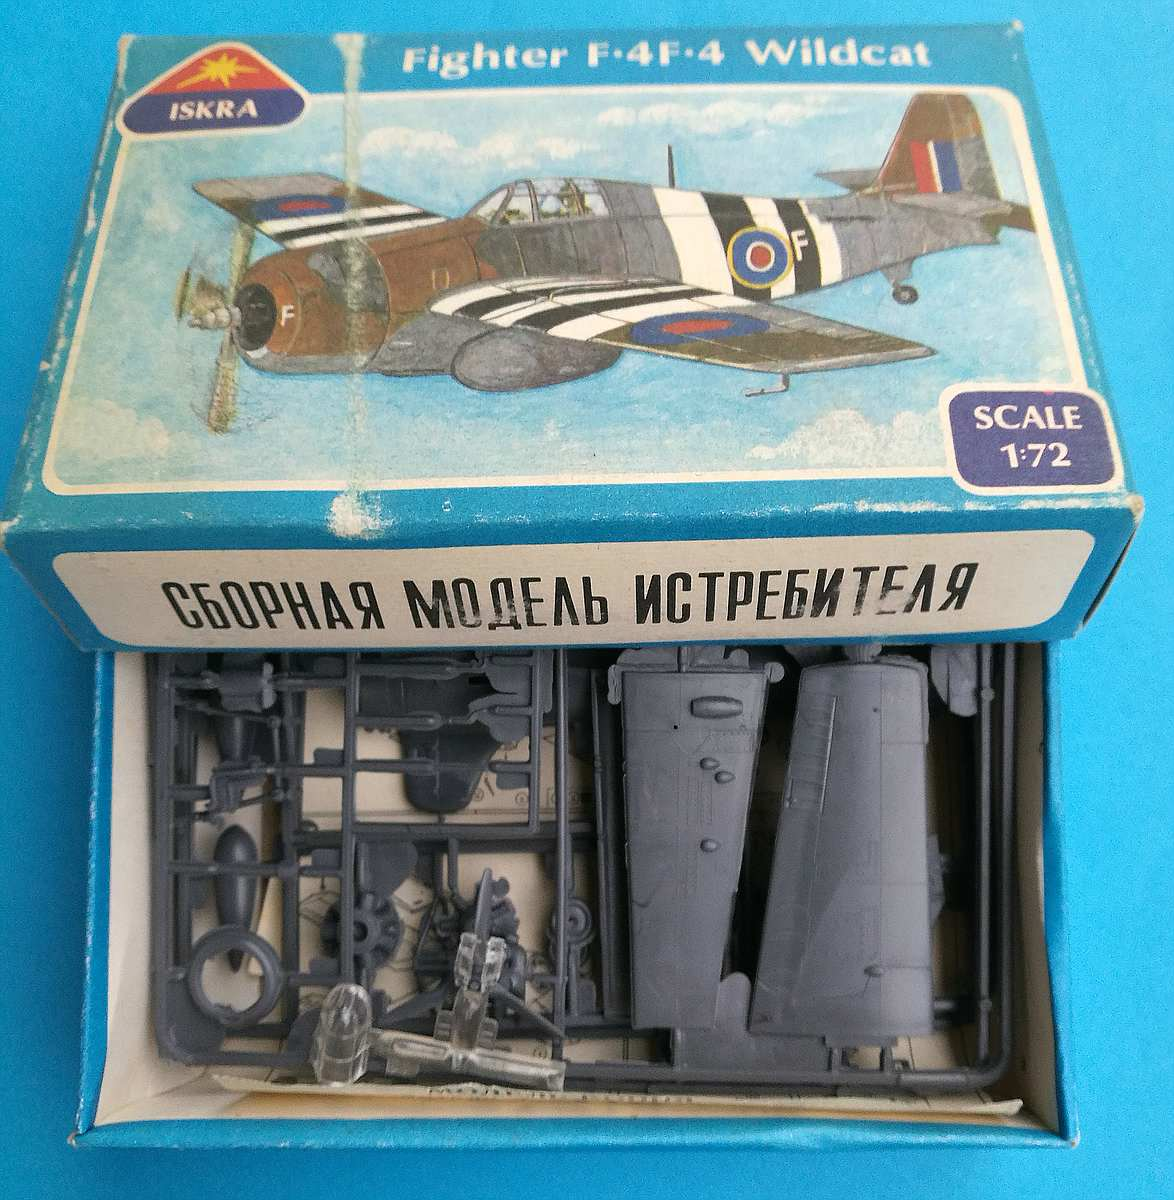 ISKRA-FROG-Wildcat-6 Kit-Archäologie: F4F-4 Wildcat in 1:72 von ISKRA (FROG F.432)